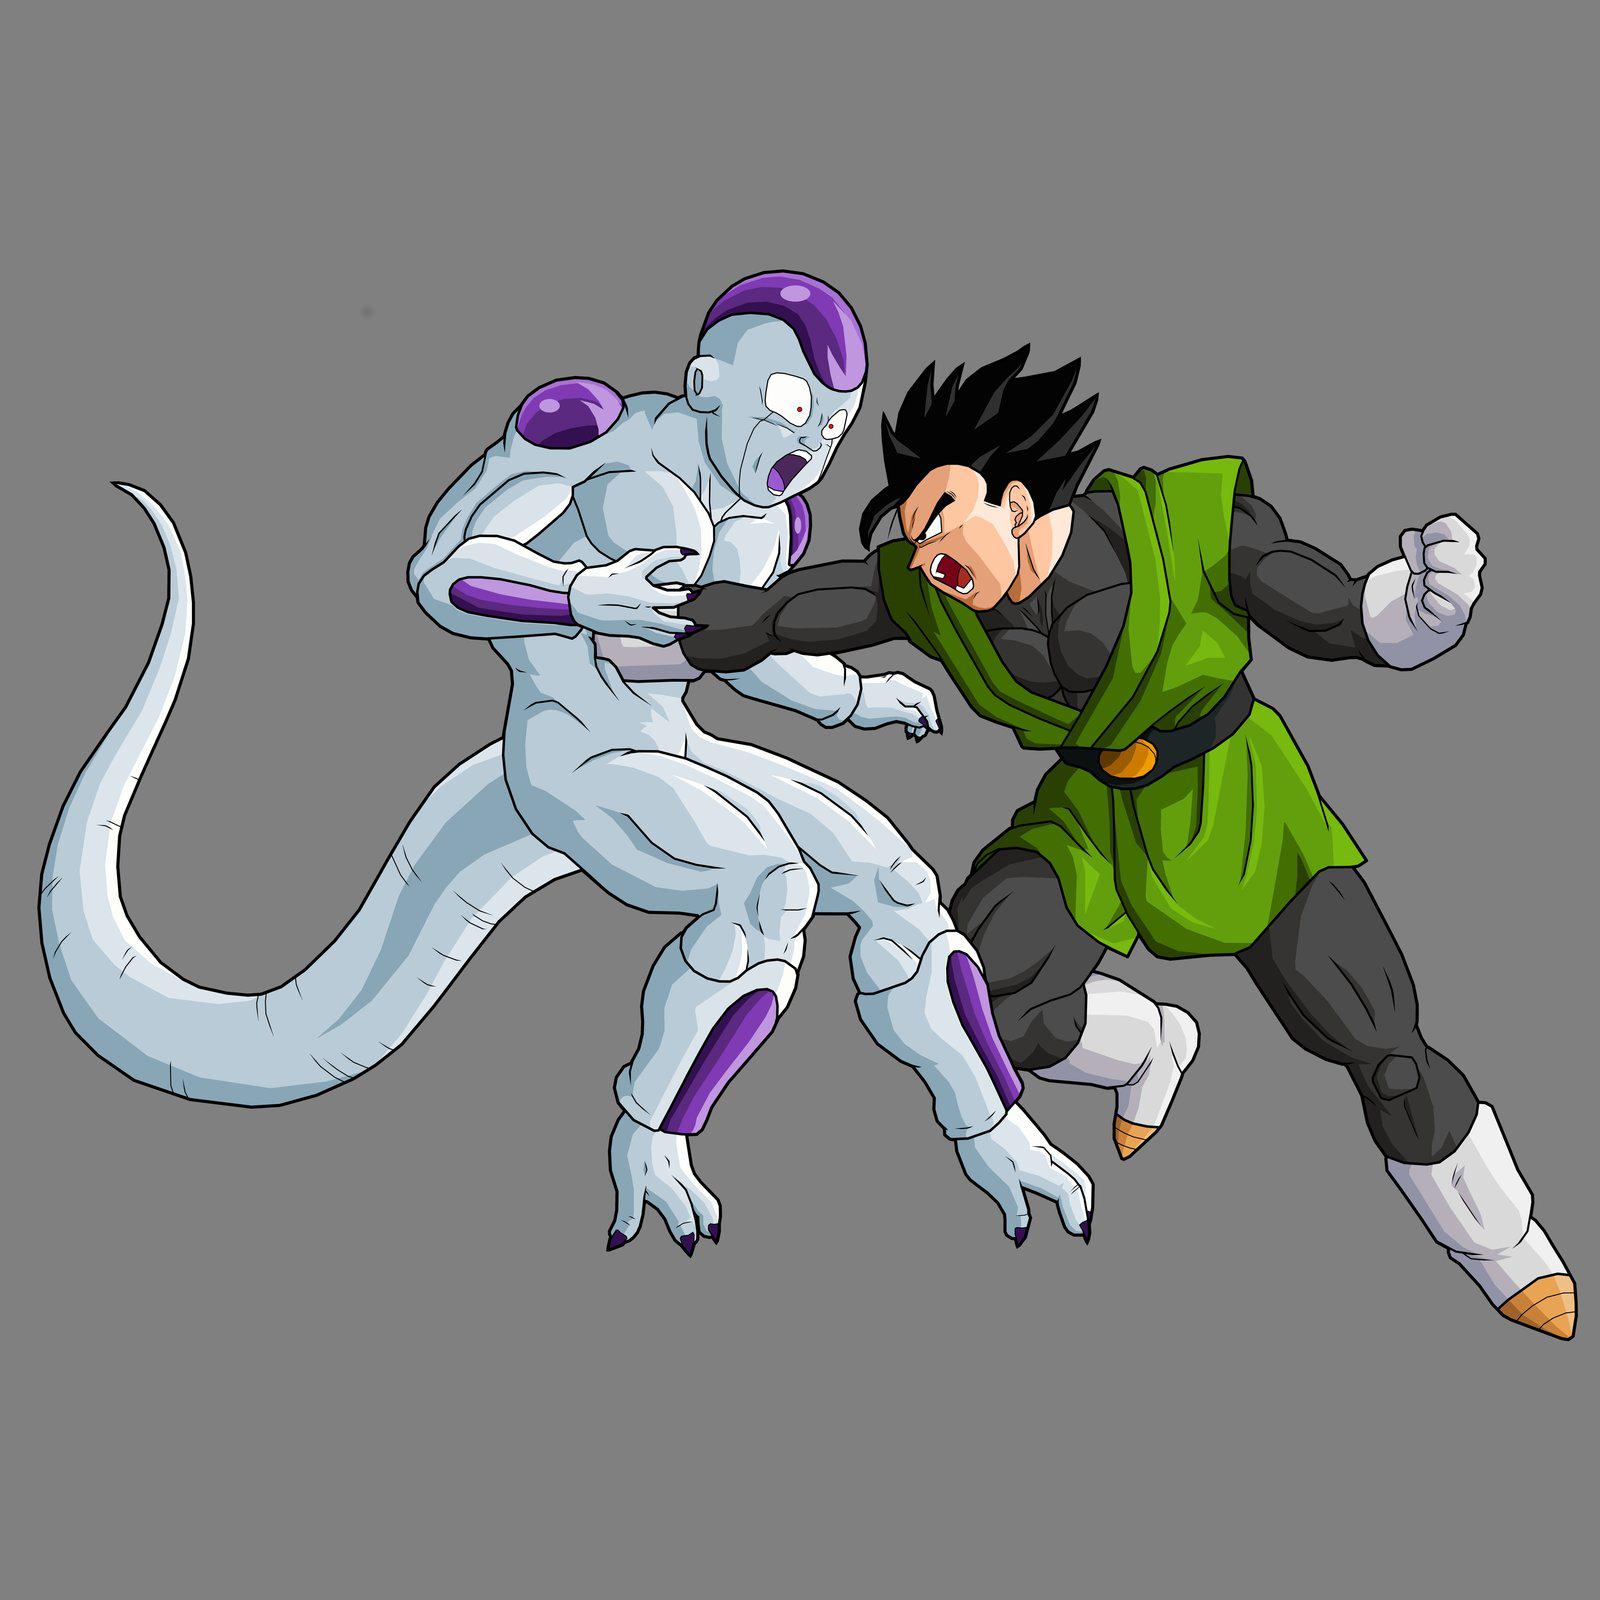 Dragon Ball Z Gohan vs Frieza